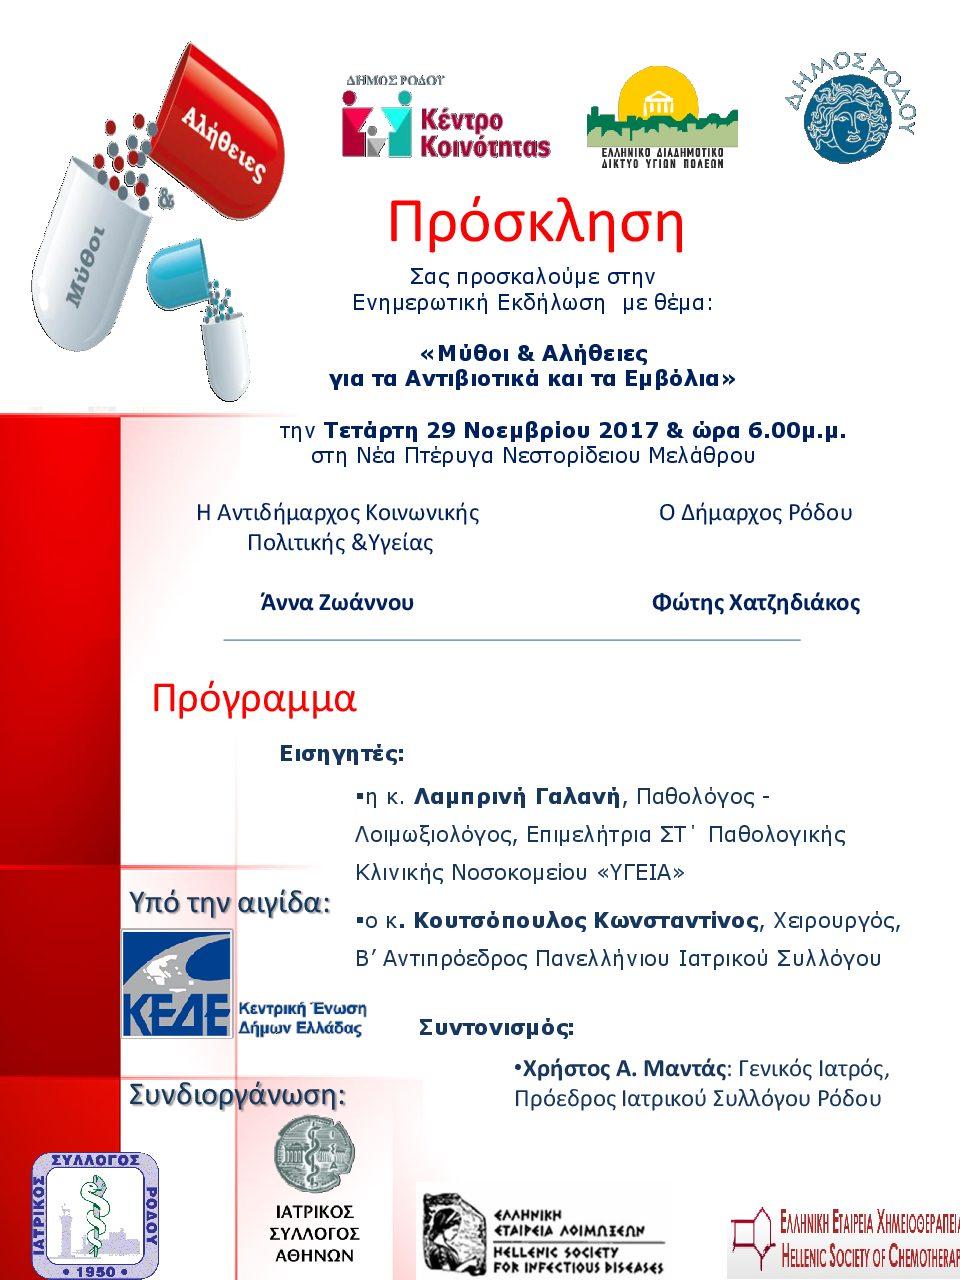 Πρόσκληση στην ενημερωτική εκδήλωση «Μύθοι & Αλήθειες για τα Αντιβιοτικά και τα Εμβόλια»